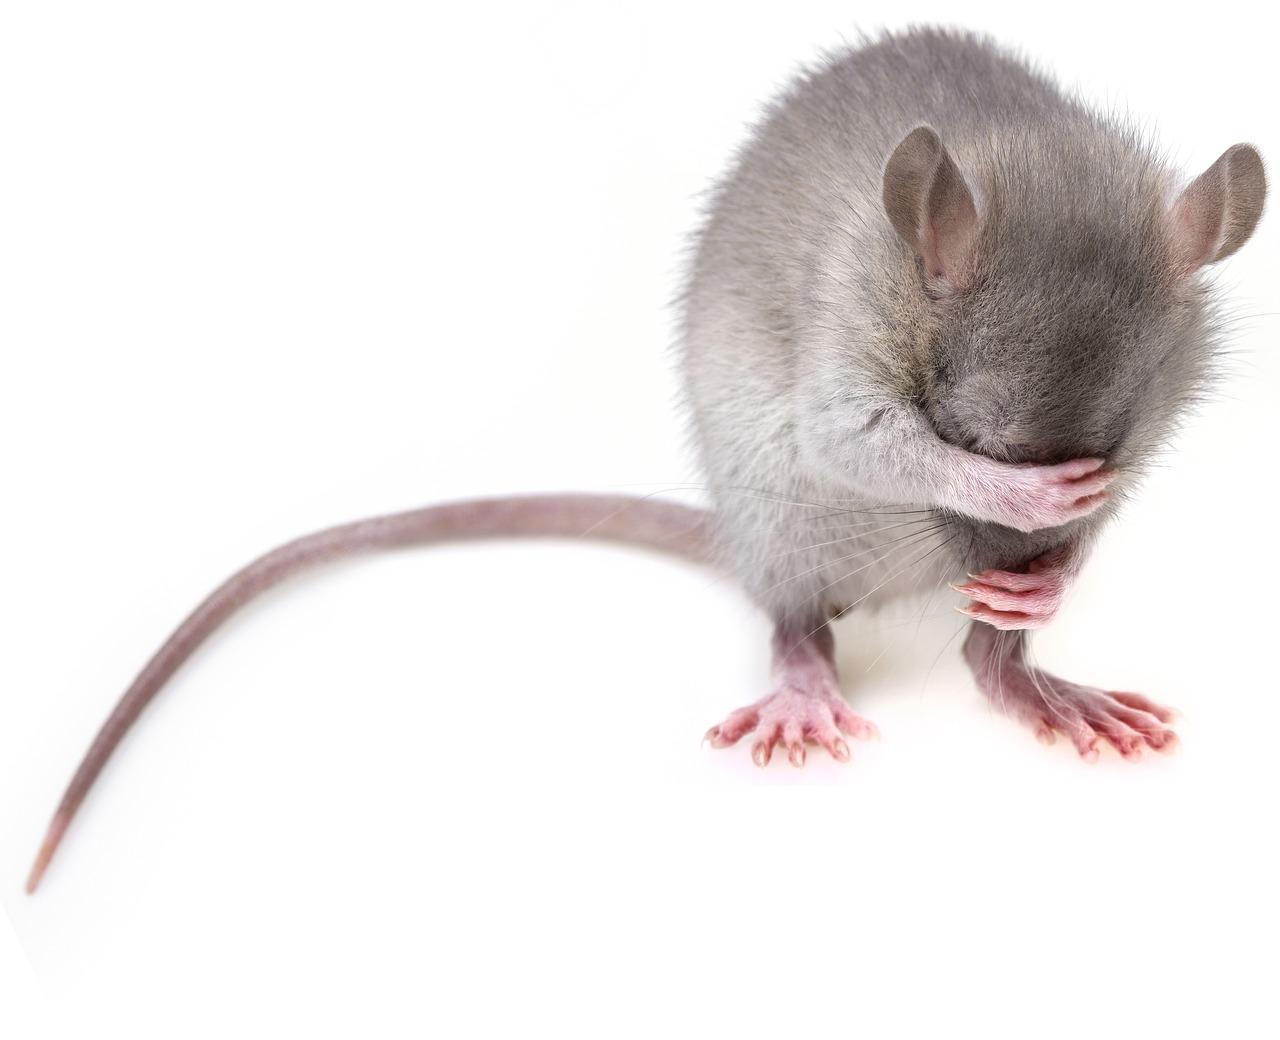 Comment savoir si on a des rats ou des souris à la maison?